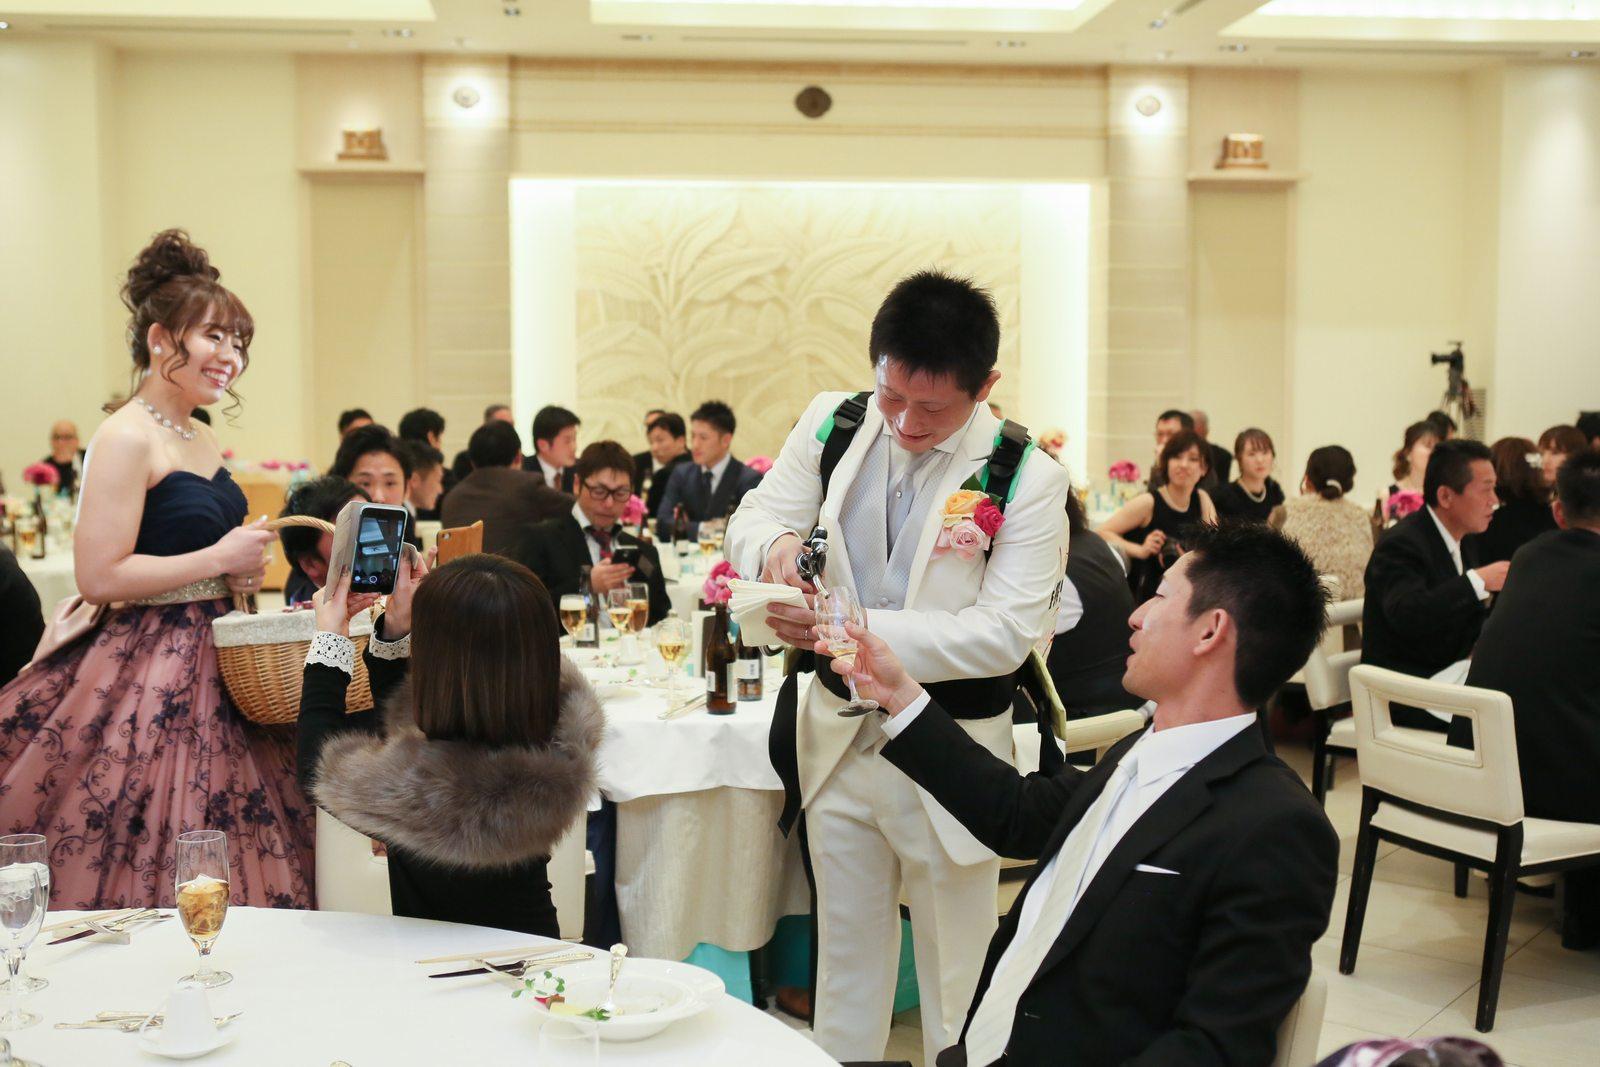 高松市の結婚式場アイルバレクラブでテーブルラウンド